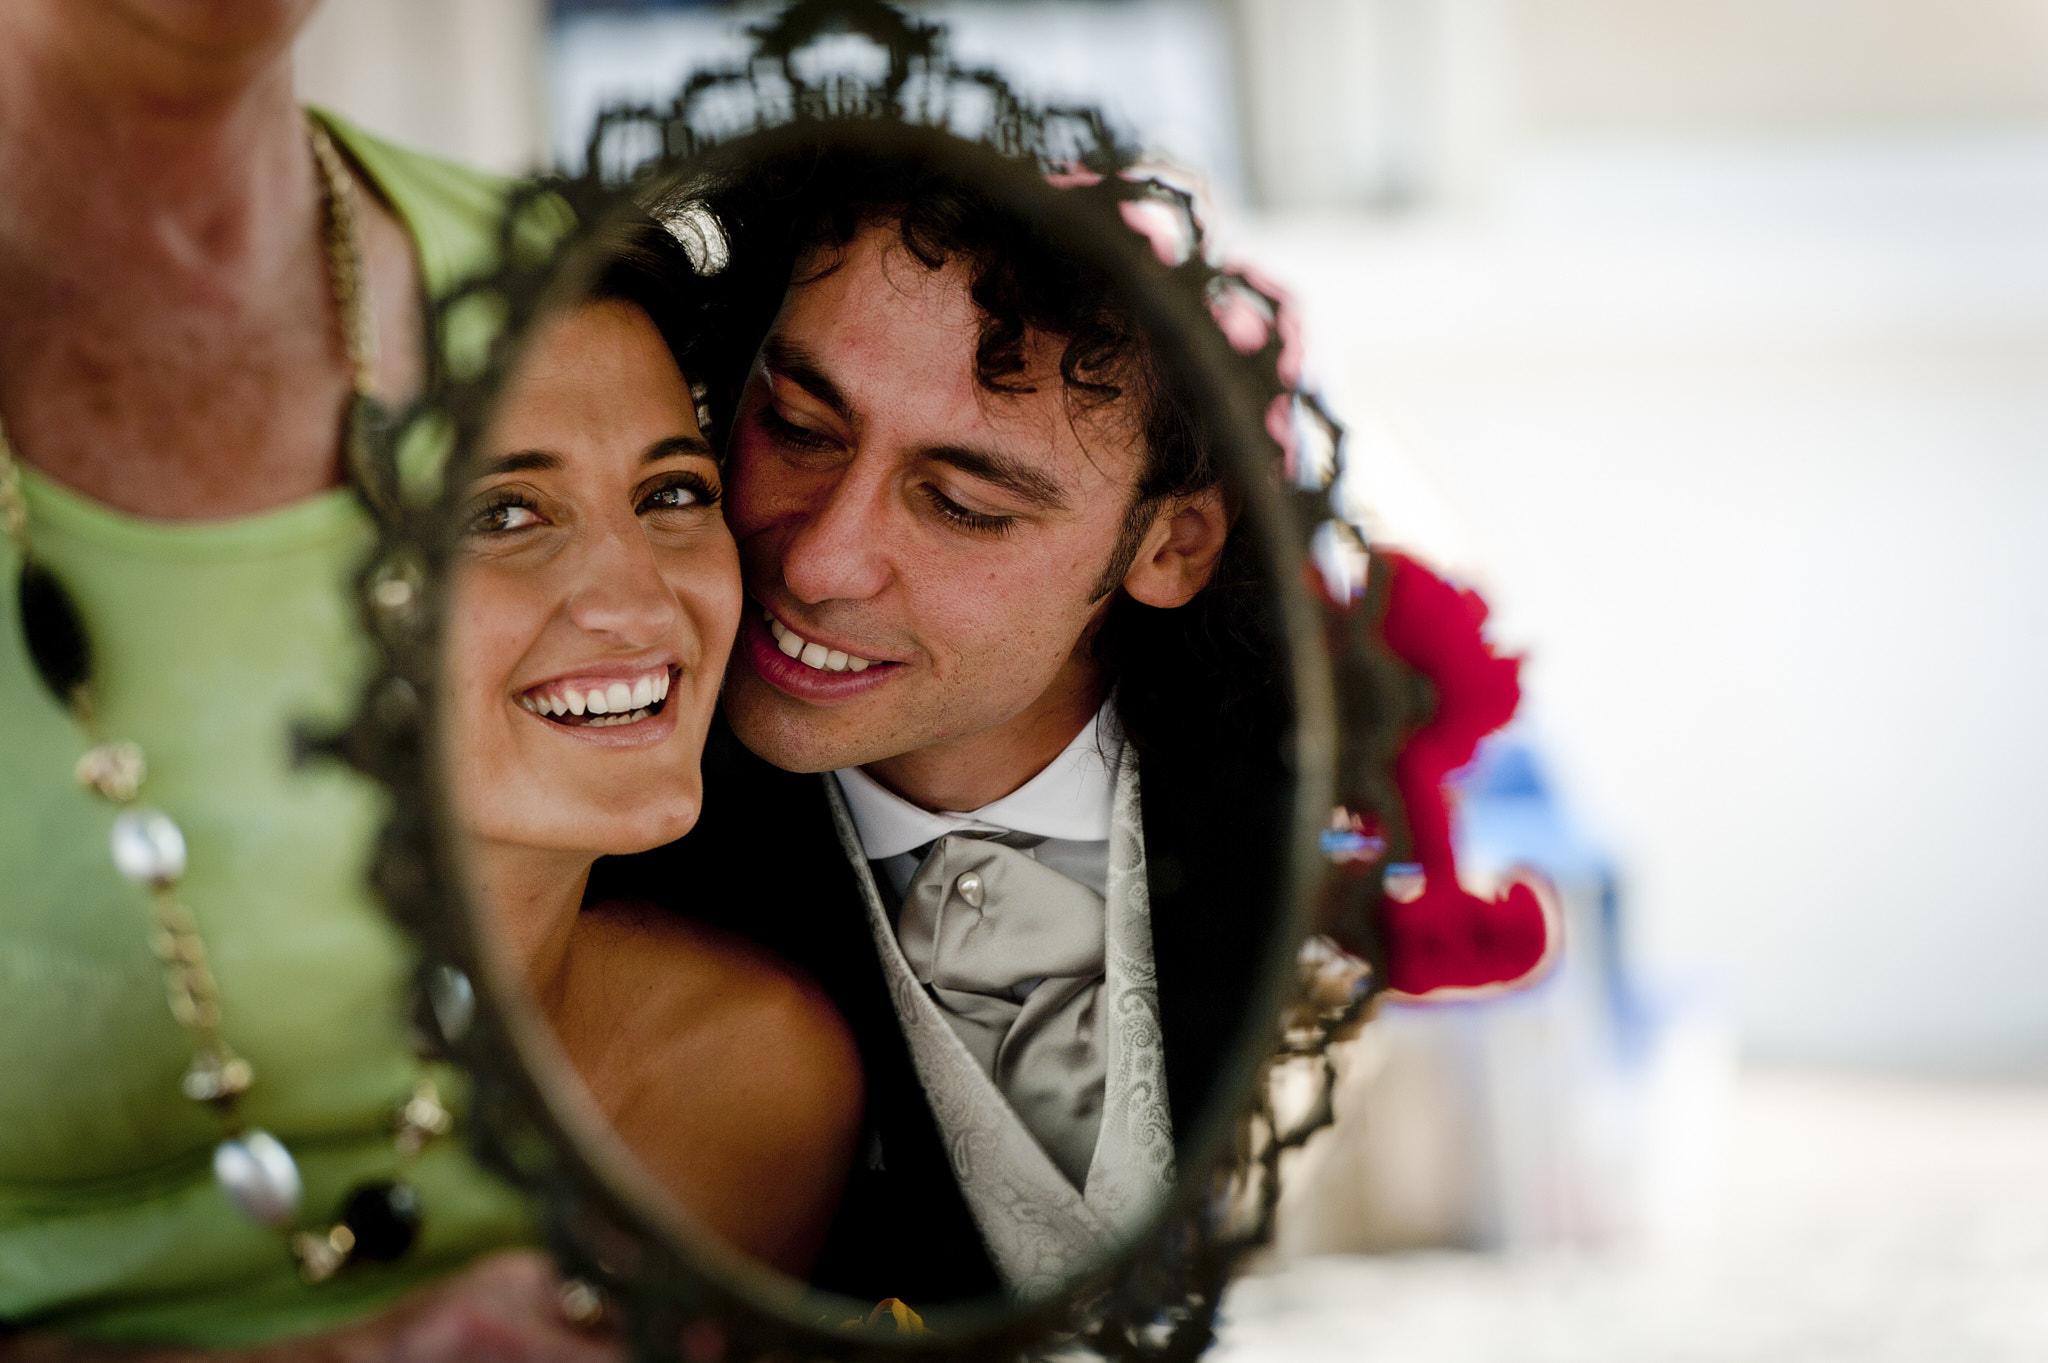 matrimonio rid 0_25